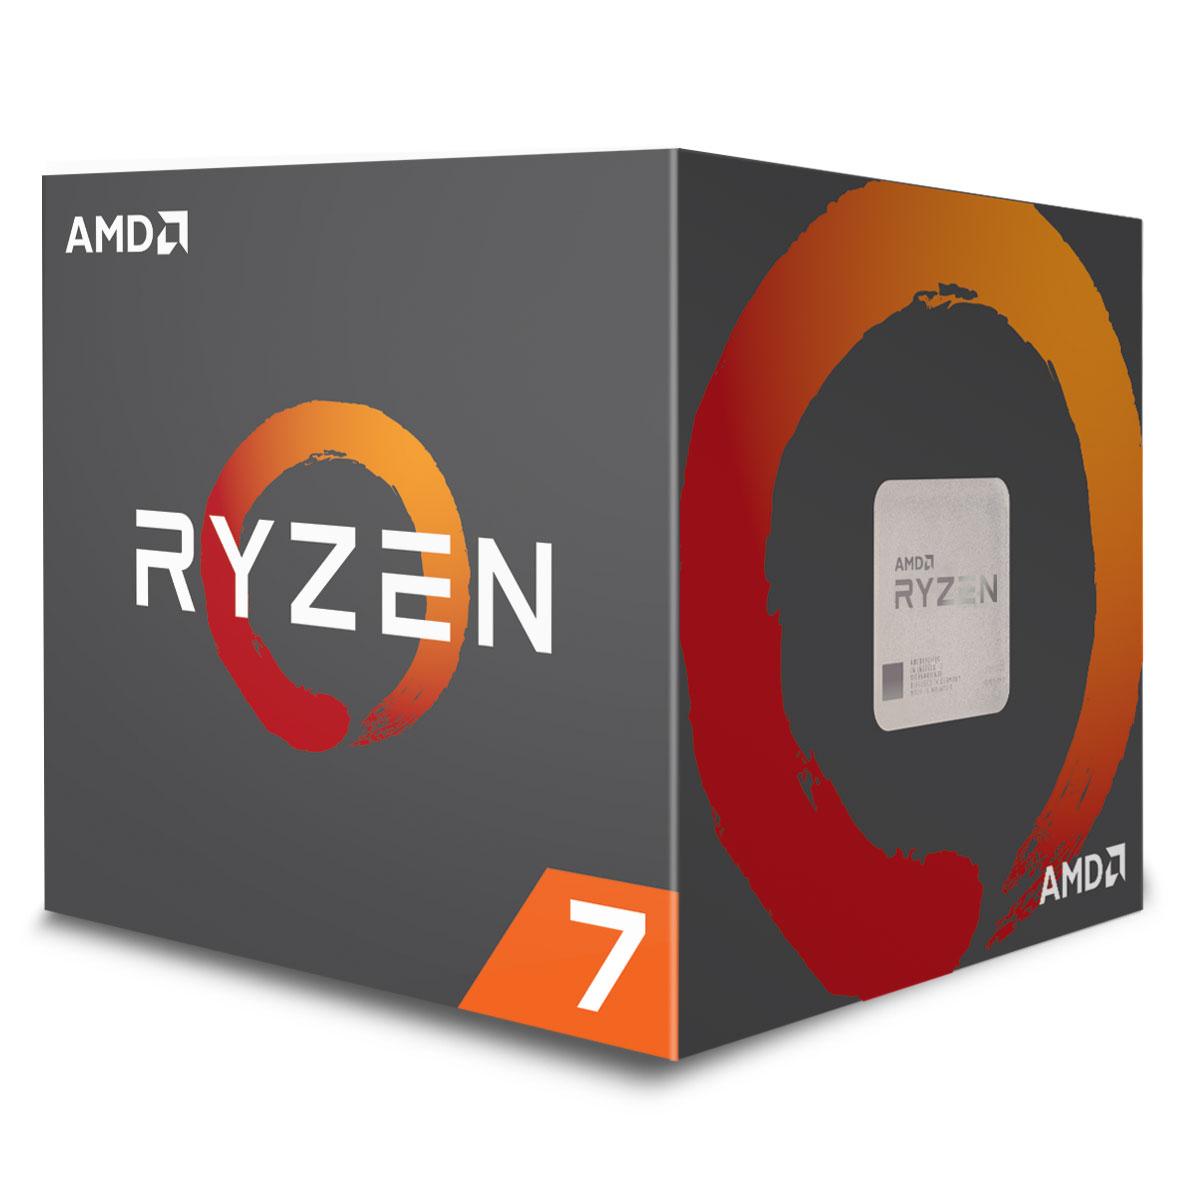 Processeur AMD Ryzen 7 2700 MAX (3.2 GHz) Processeur 8-Core socket AM4 Cache L3 16 Mo 0.012 micron TDP 65W avec système de refroidissement Wraith Max (version boîte - garantie constructeur 3 ans)